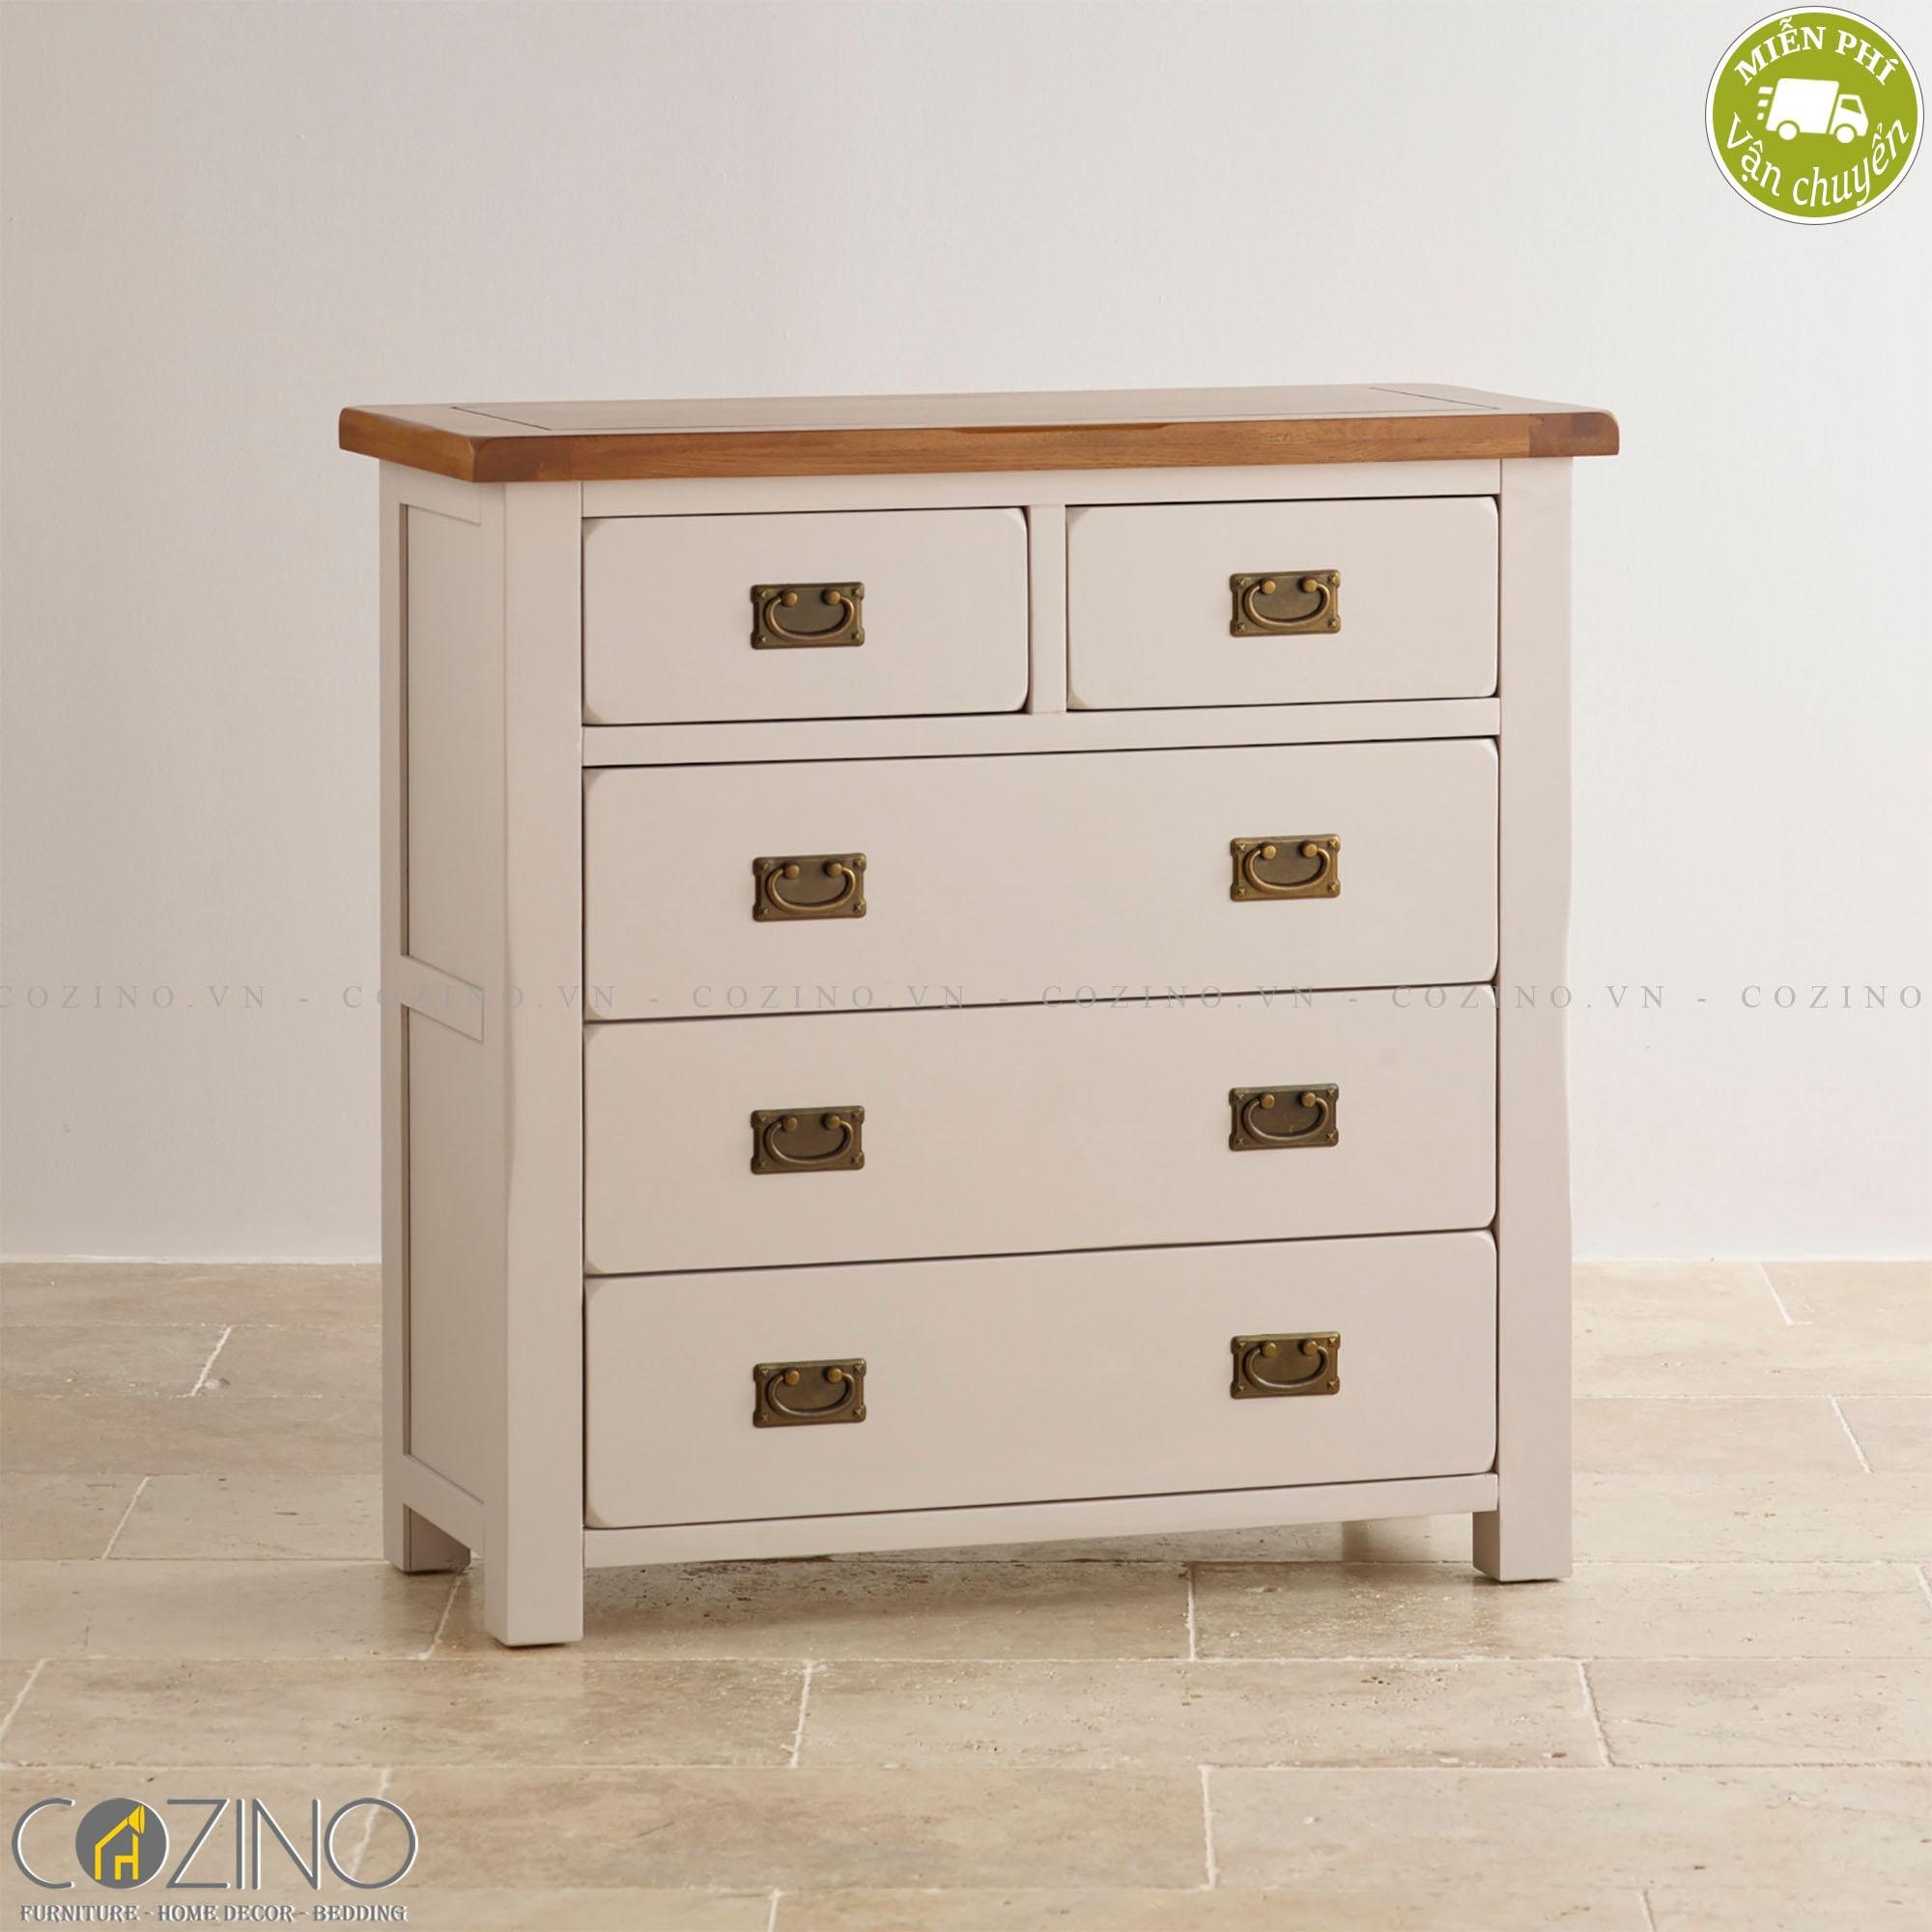 Tủ ngăn kéo ngang Sintra 5 hộc gỗ sồi